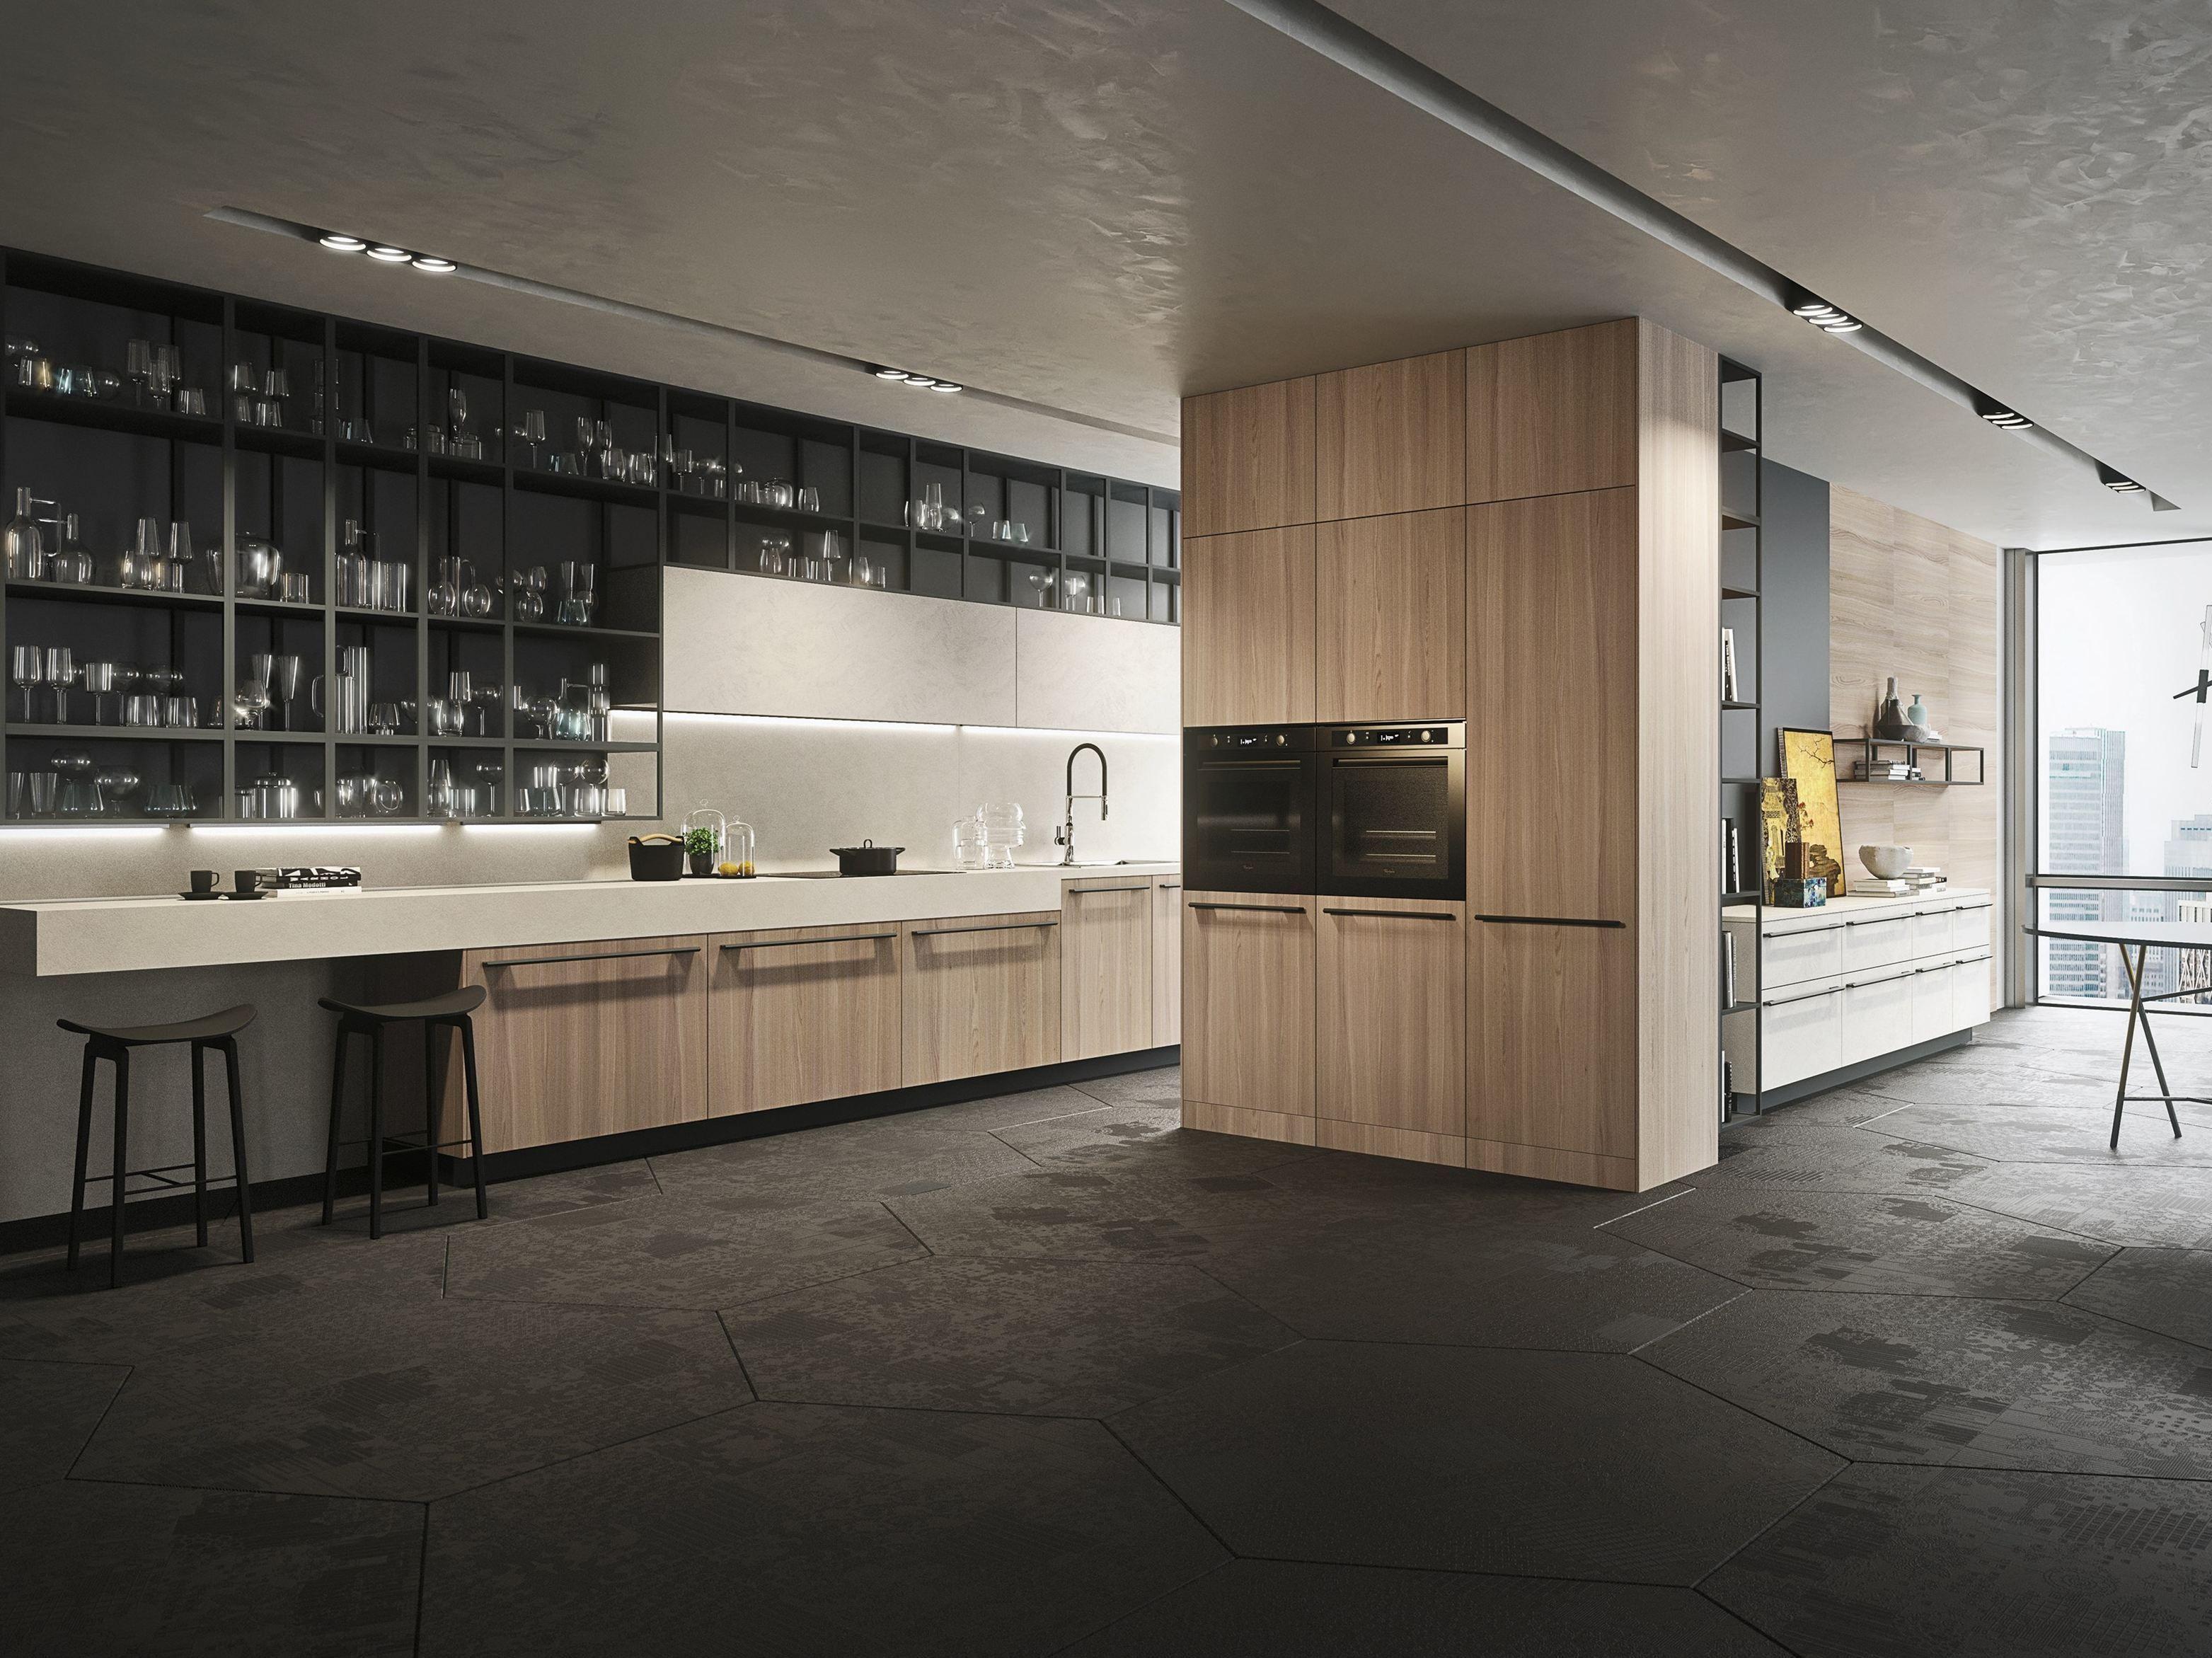 Opera linear kitchen by snaidero design michele marcon - Snaidero cucine ...